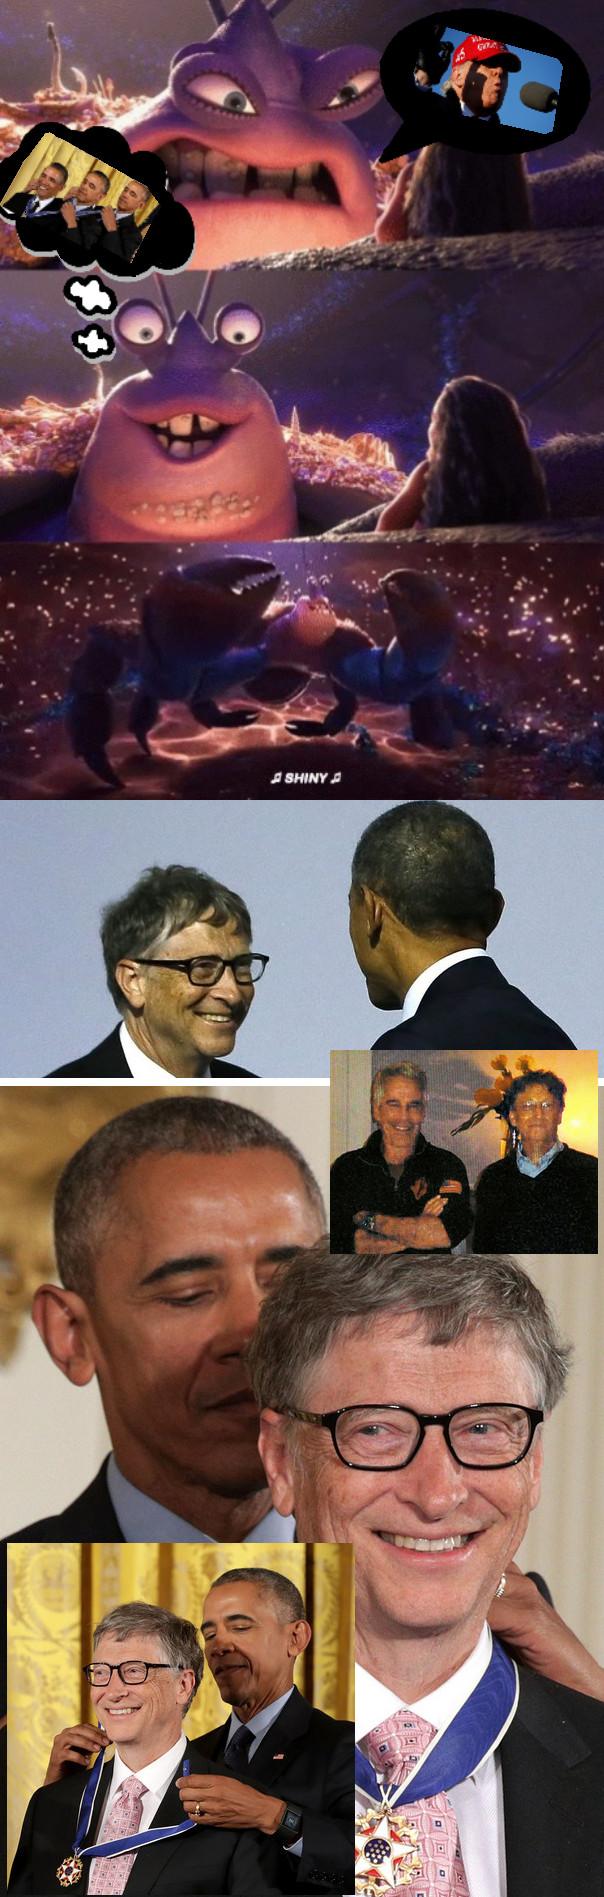 Obama's medal for Gates